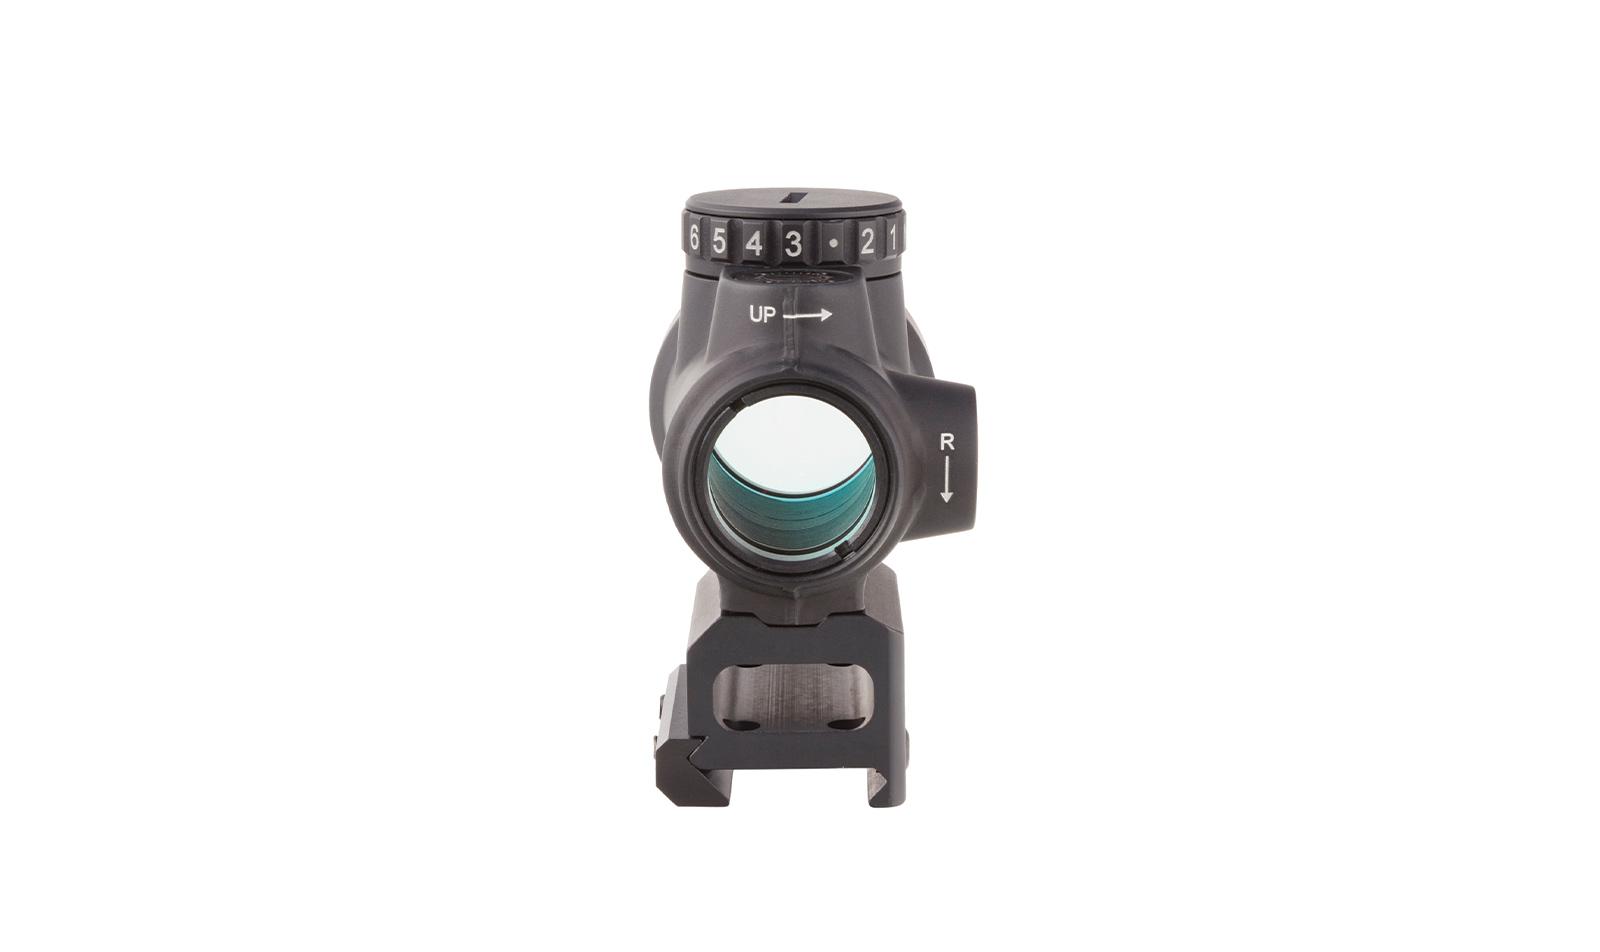 MRO-C-2200005 angle 4